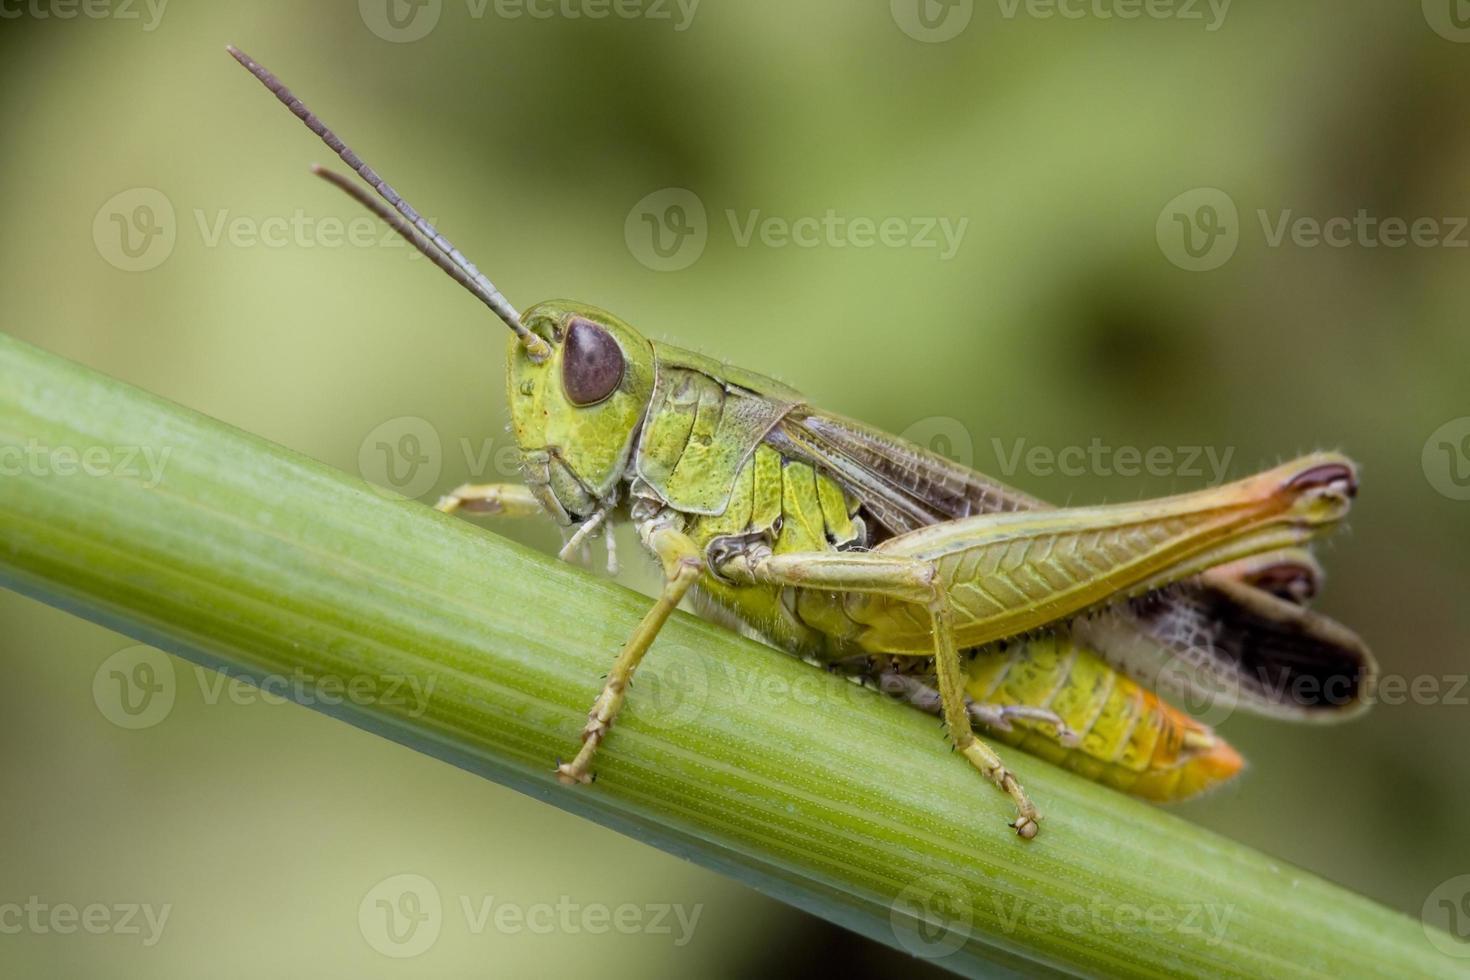 närbild av en gräshoppa på en växt foto